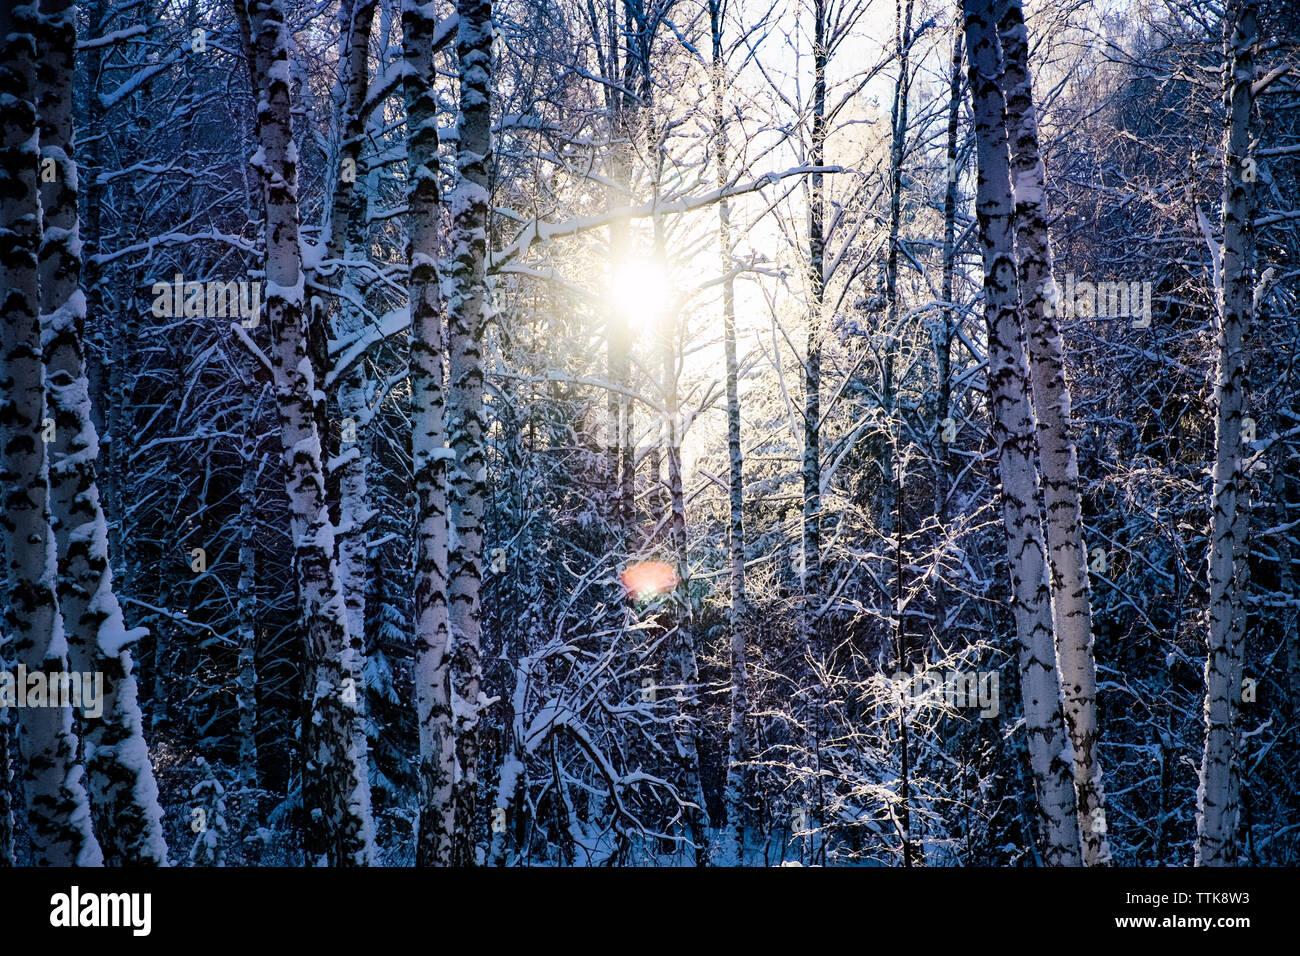 Coperte di neve alberi nudo sulla giornata di sole Foto Stock